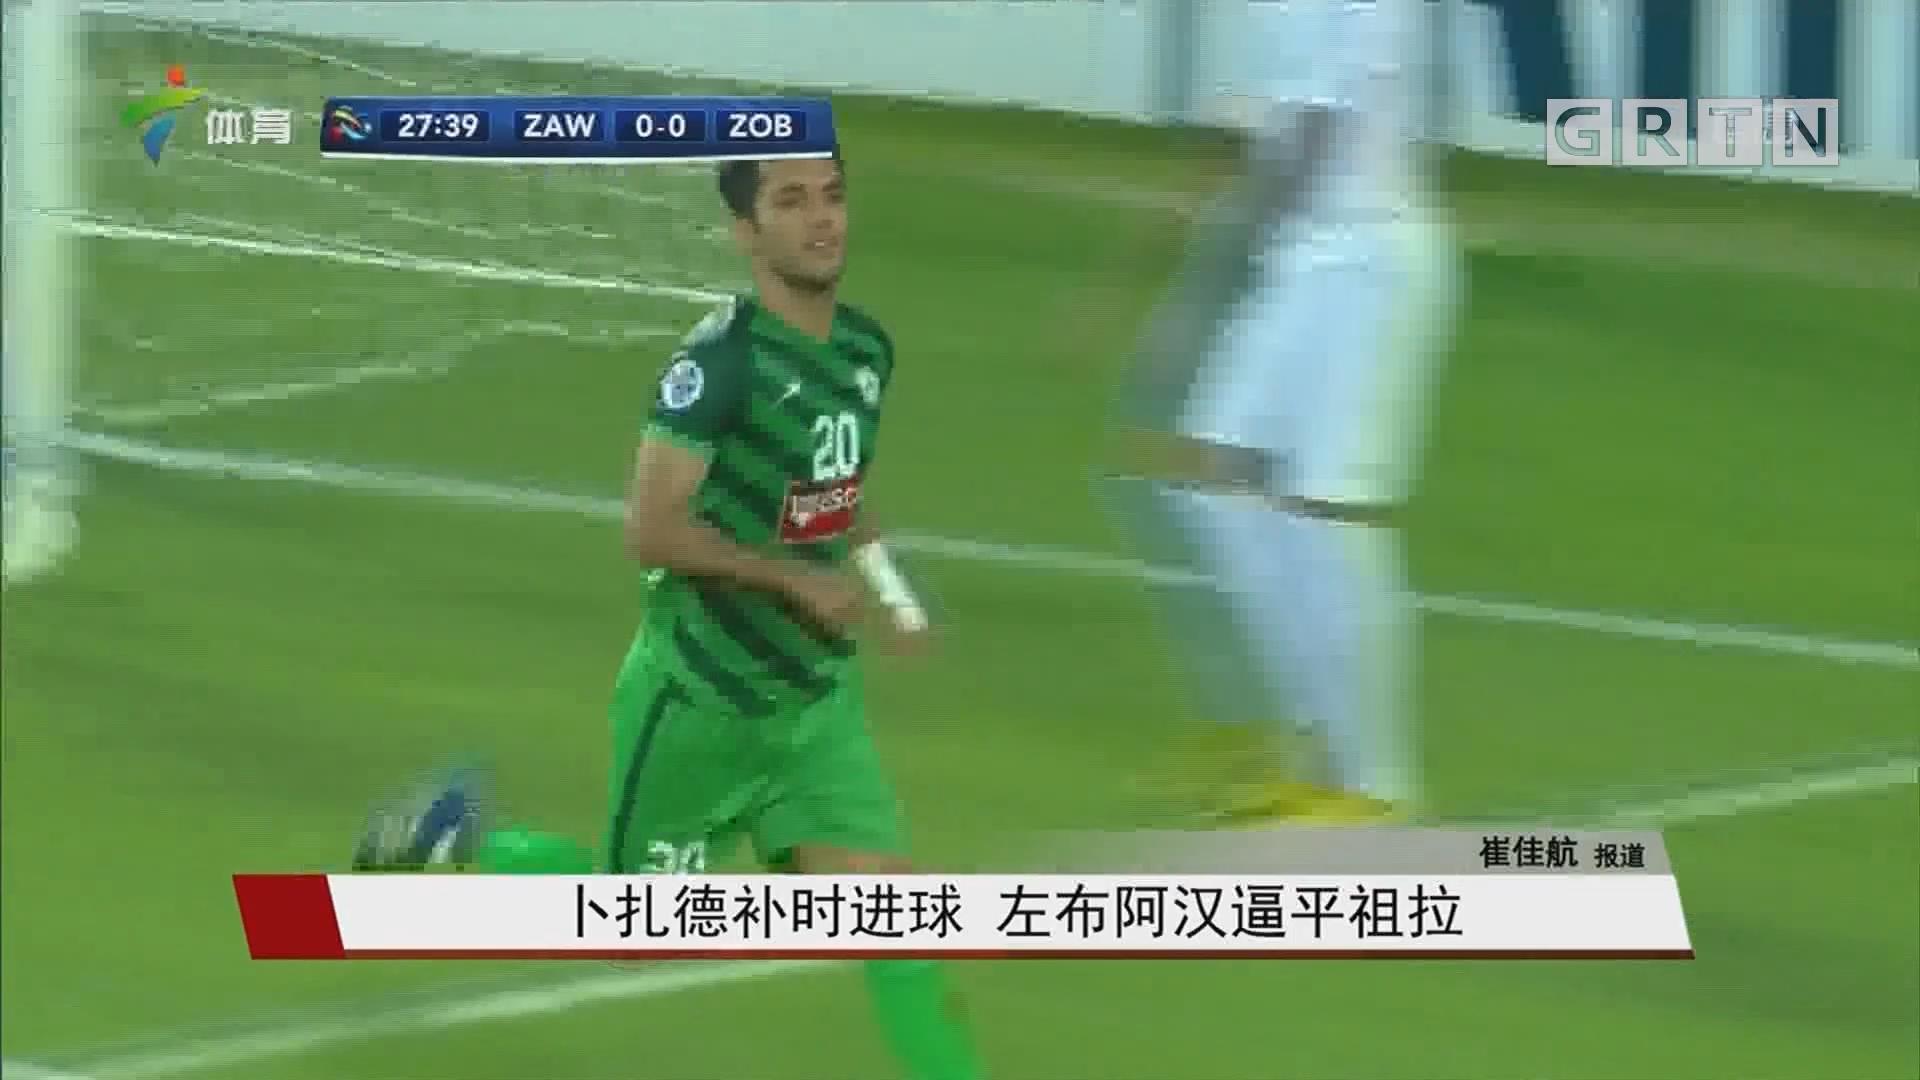 卜扎德补时进球 左布阿汉逼平祖拉